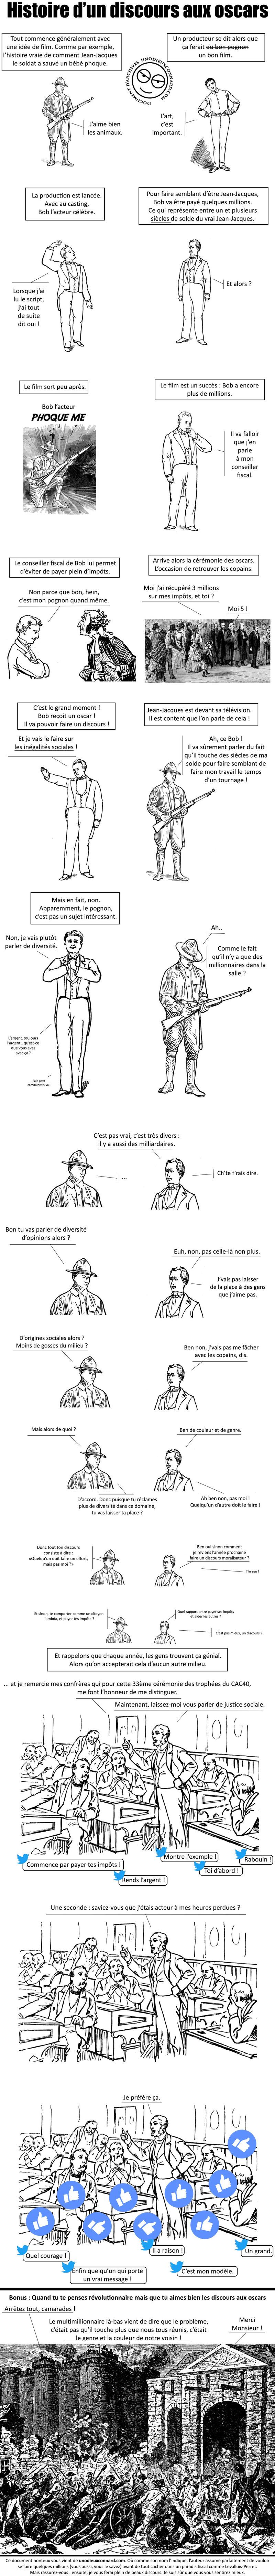 Histoire d'un discours aux oscars